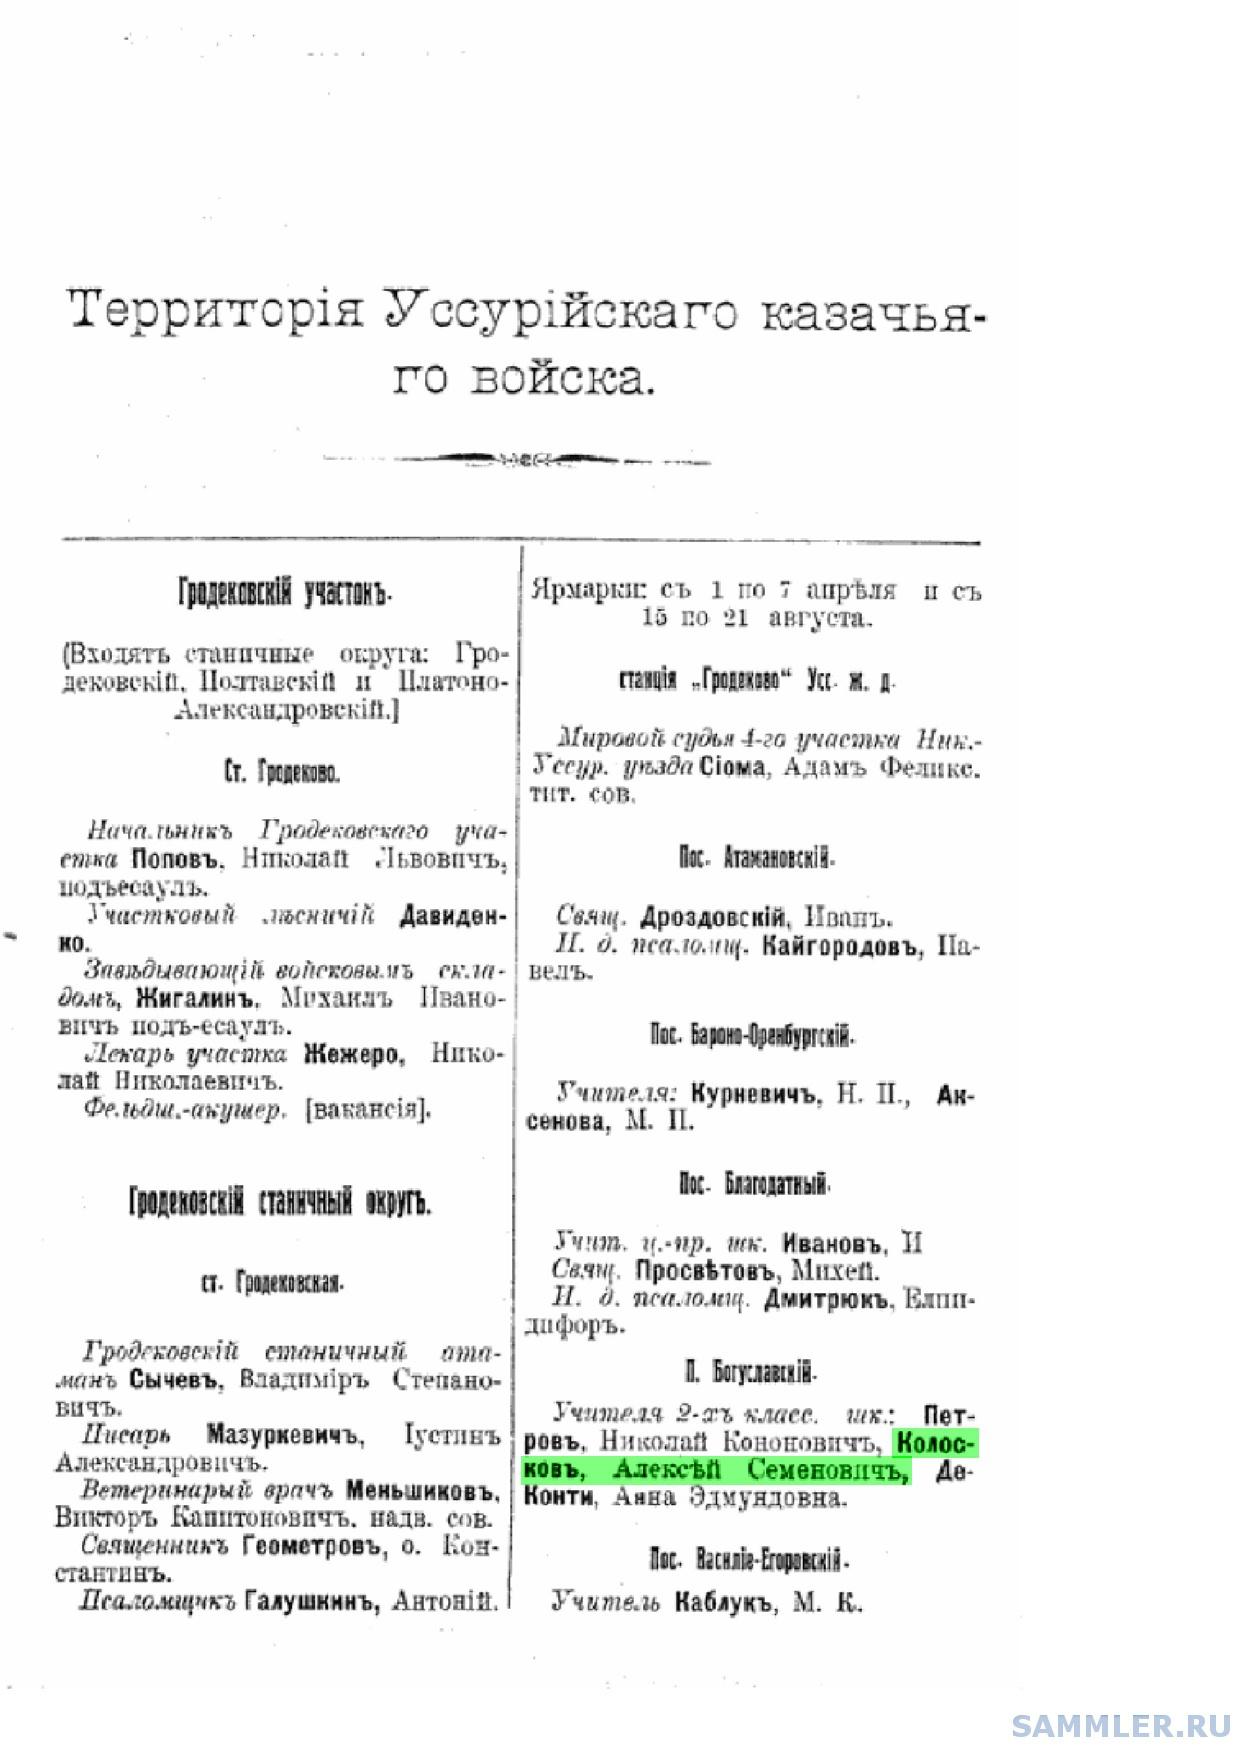 1912_Pam_kn_Primorsk_obl_1912_opt_152.jpg